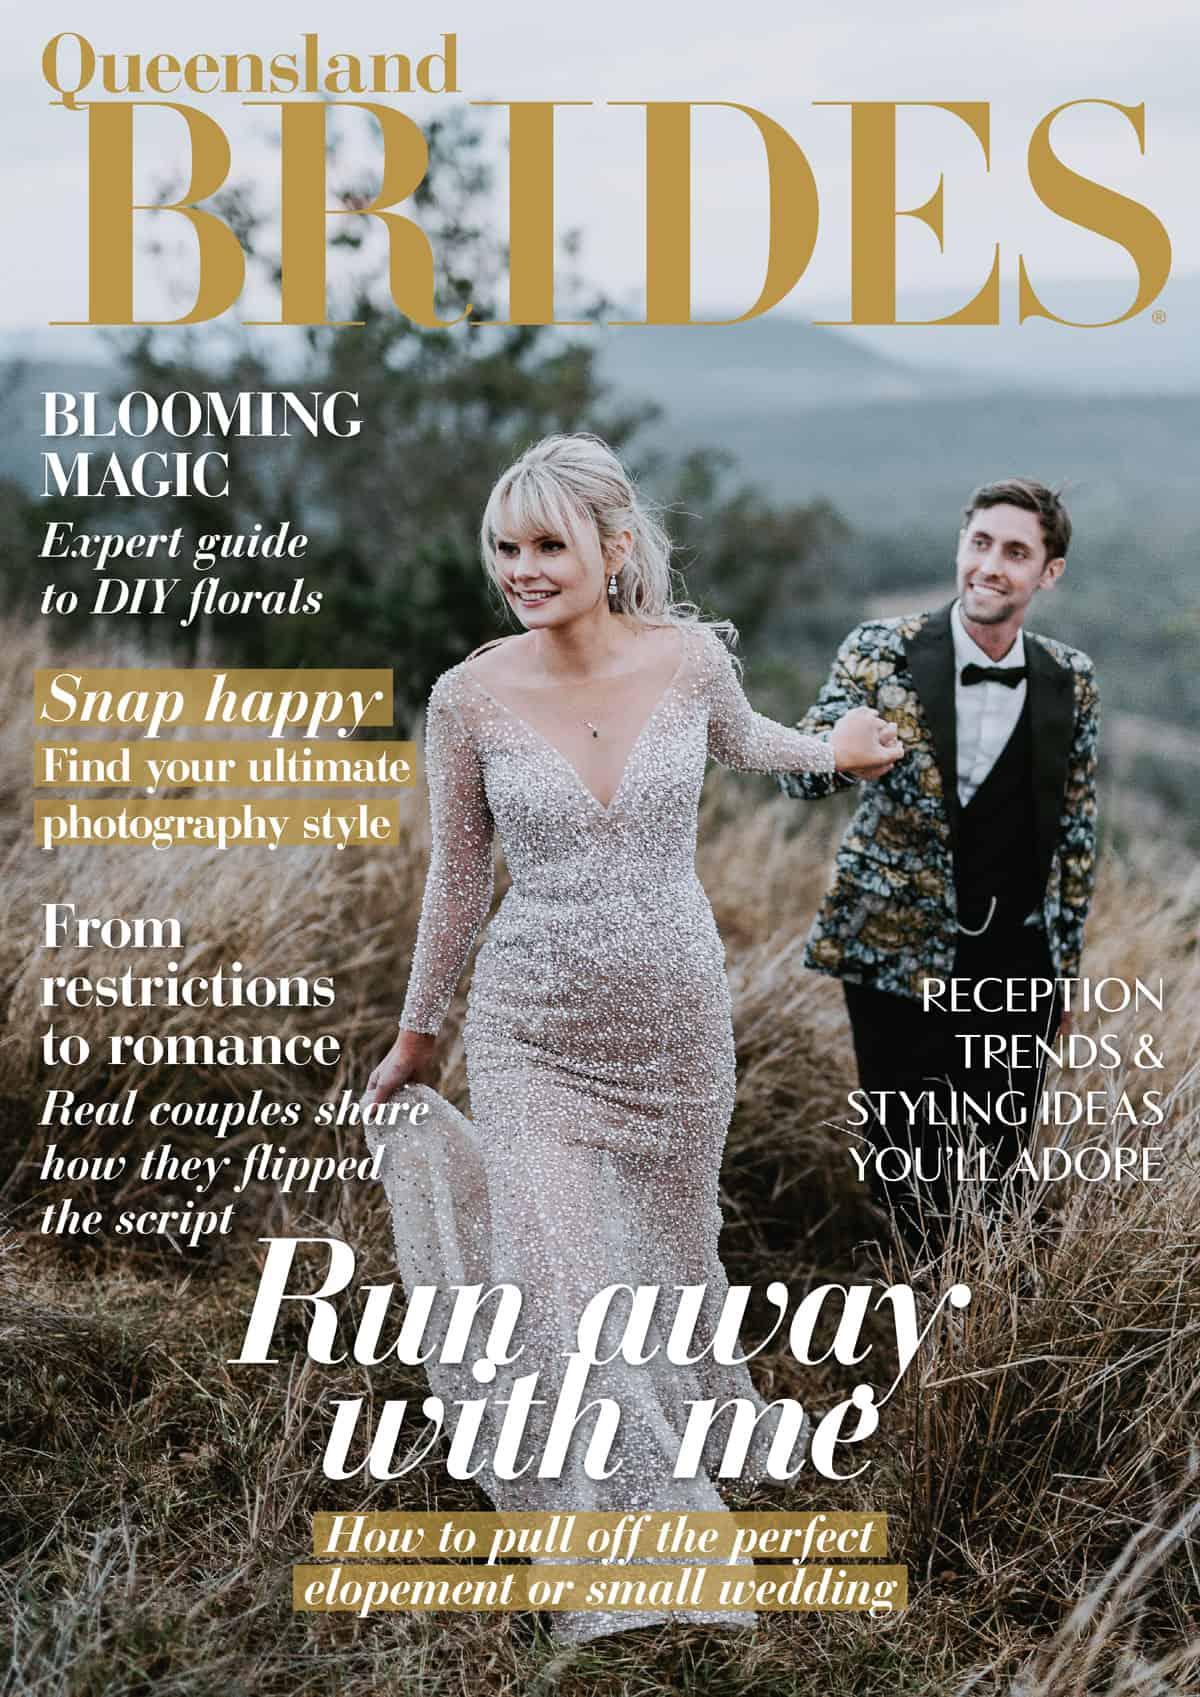 Queensland Brides Autumn Winter 2021